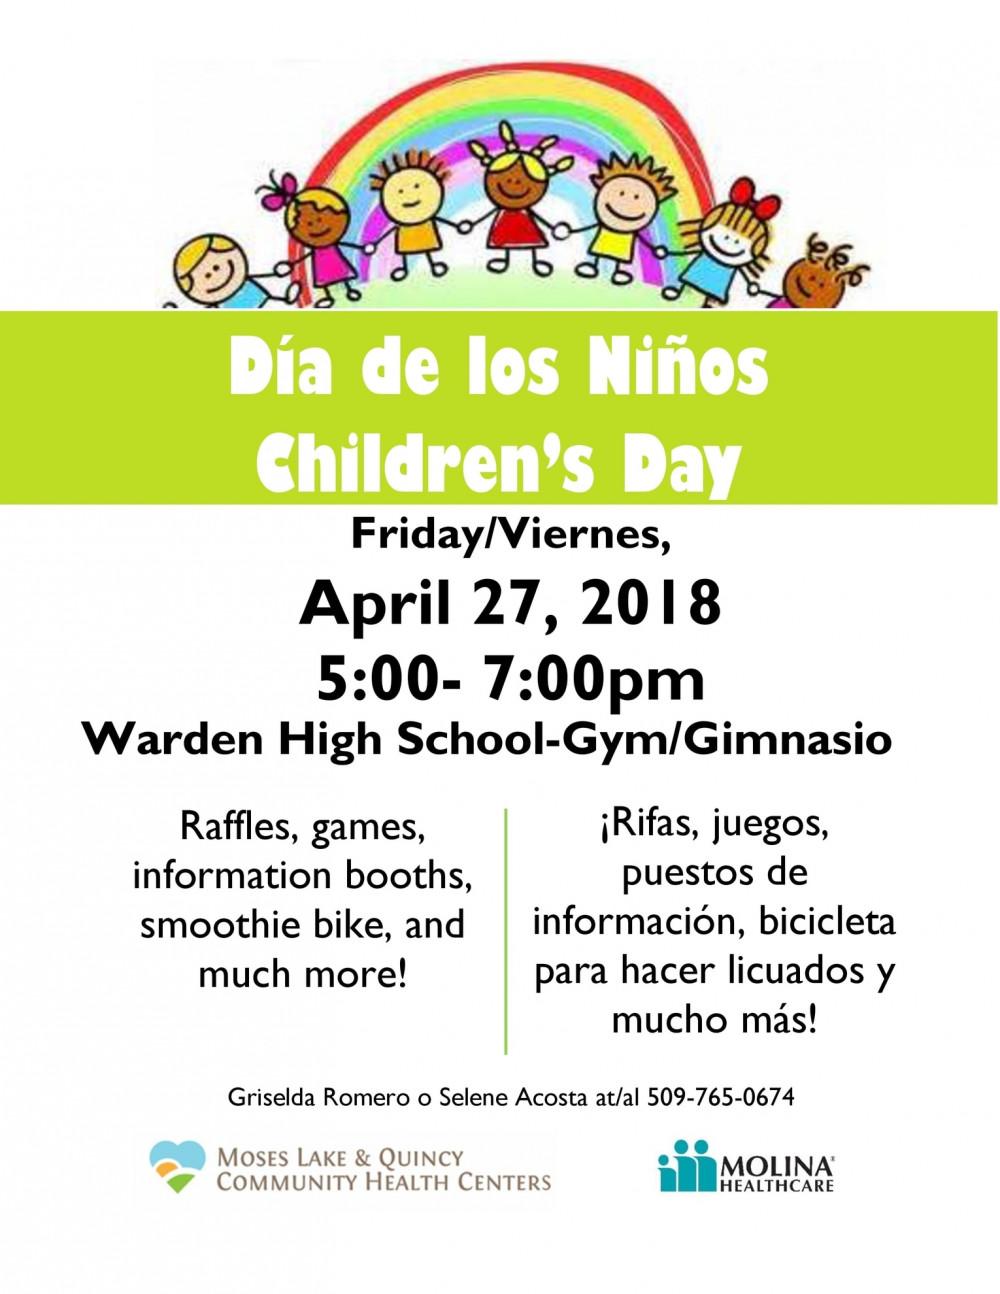 Dia de los Ninos / Children's Day